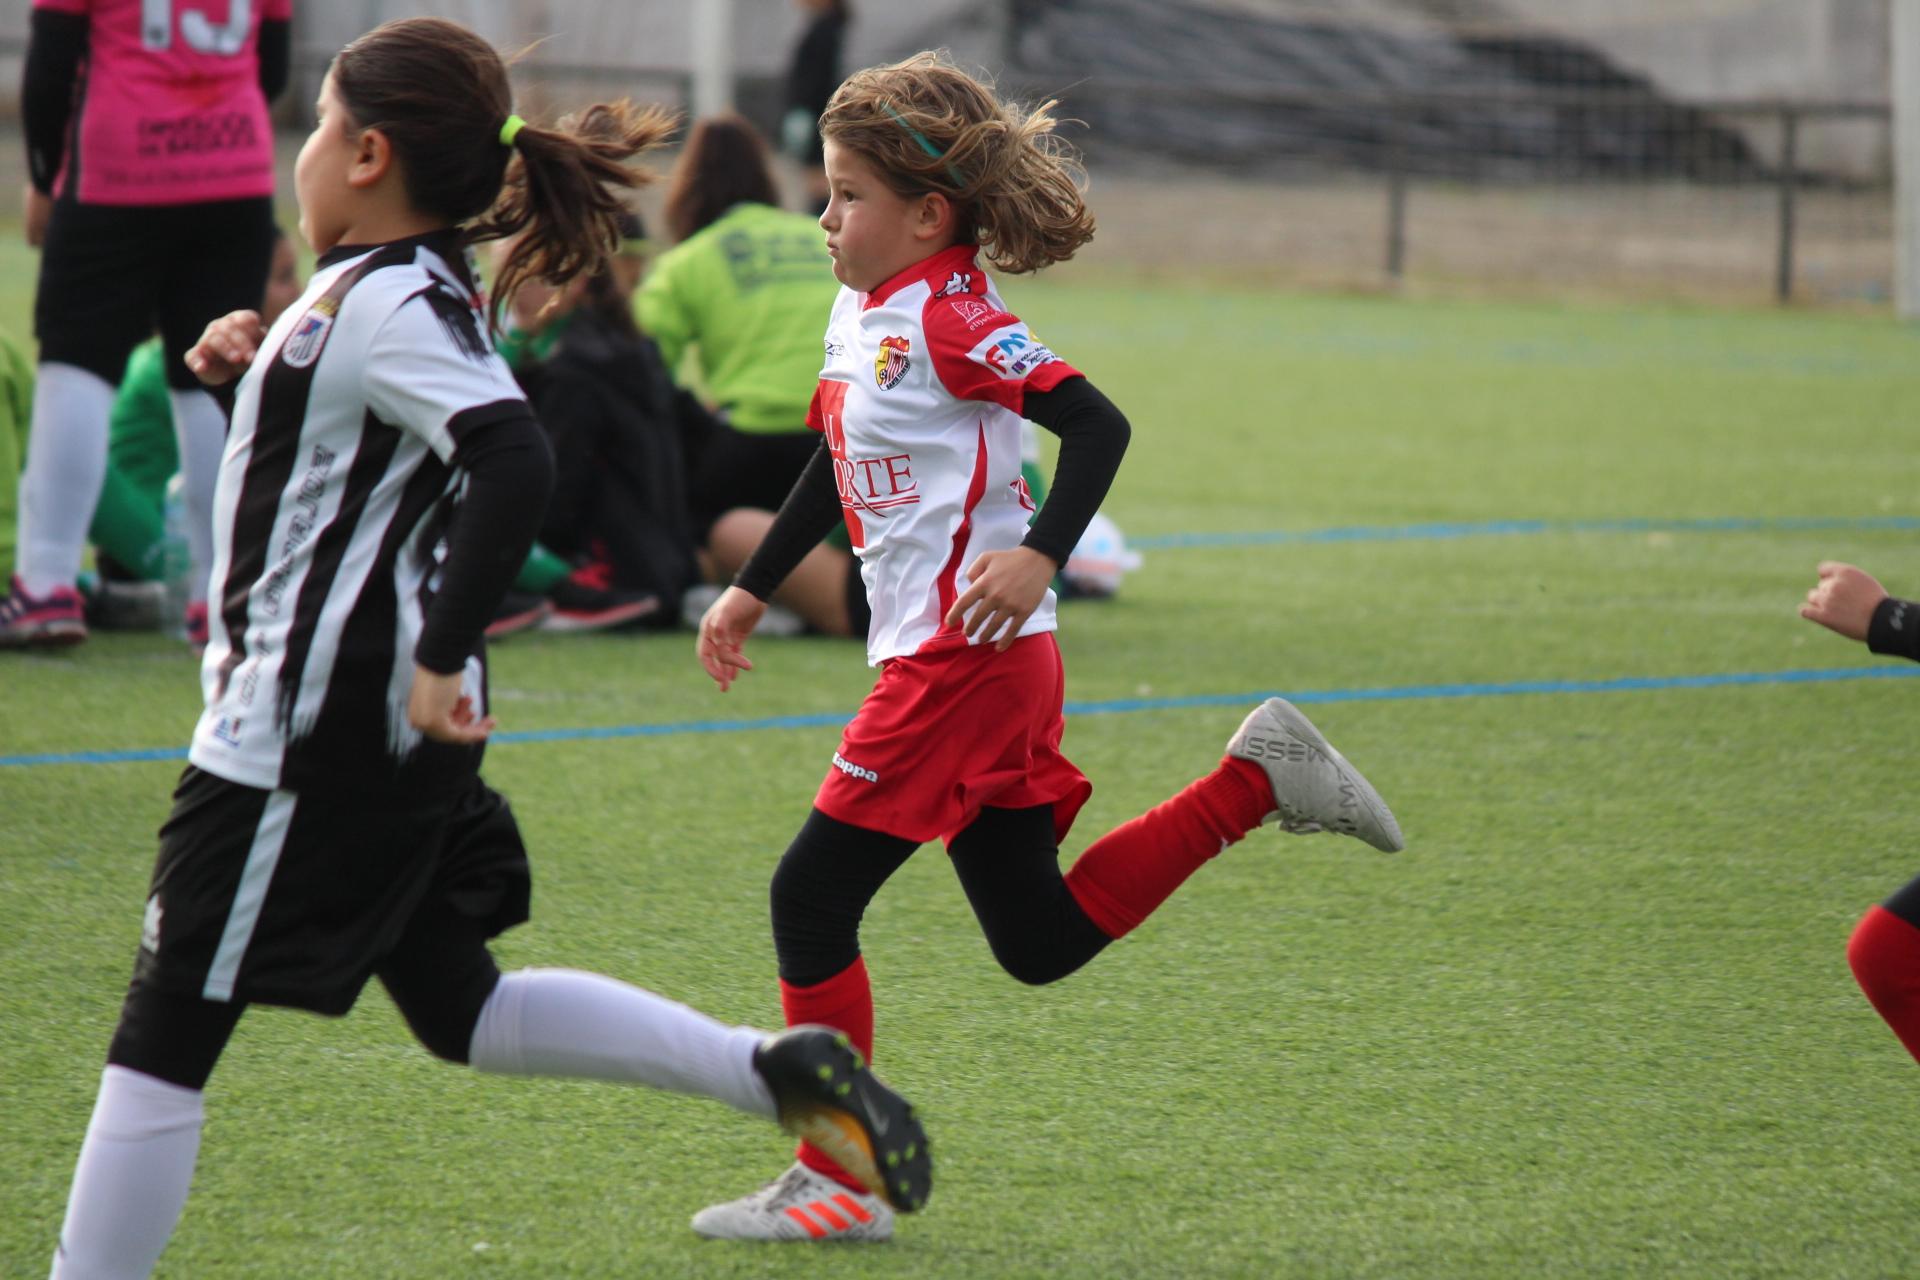 Gran ambiente en el Torneo de Navidad Femenino del Santa Teresa Badajoz (2)